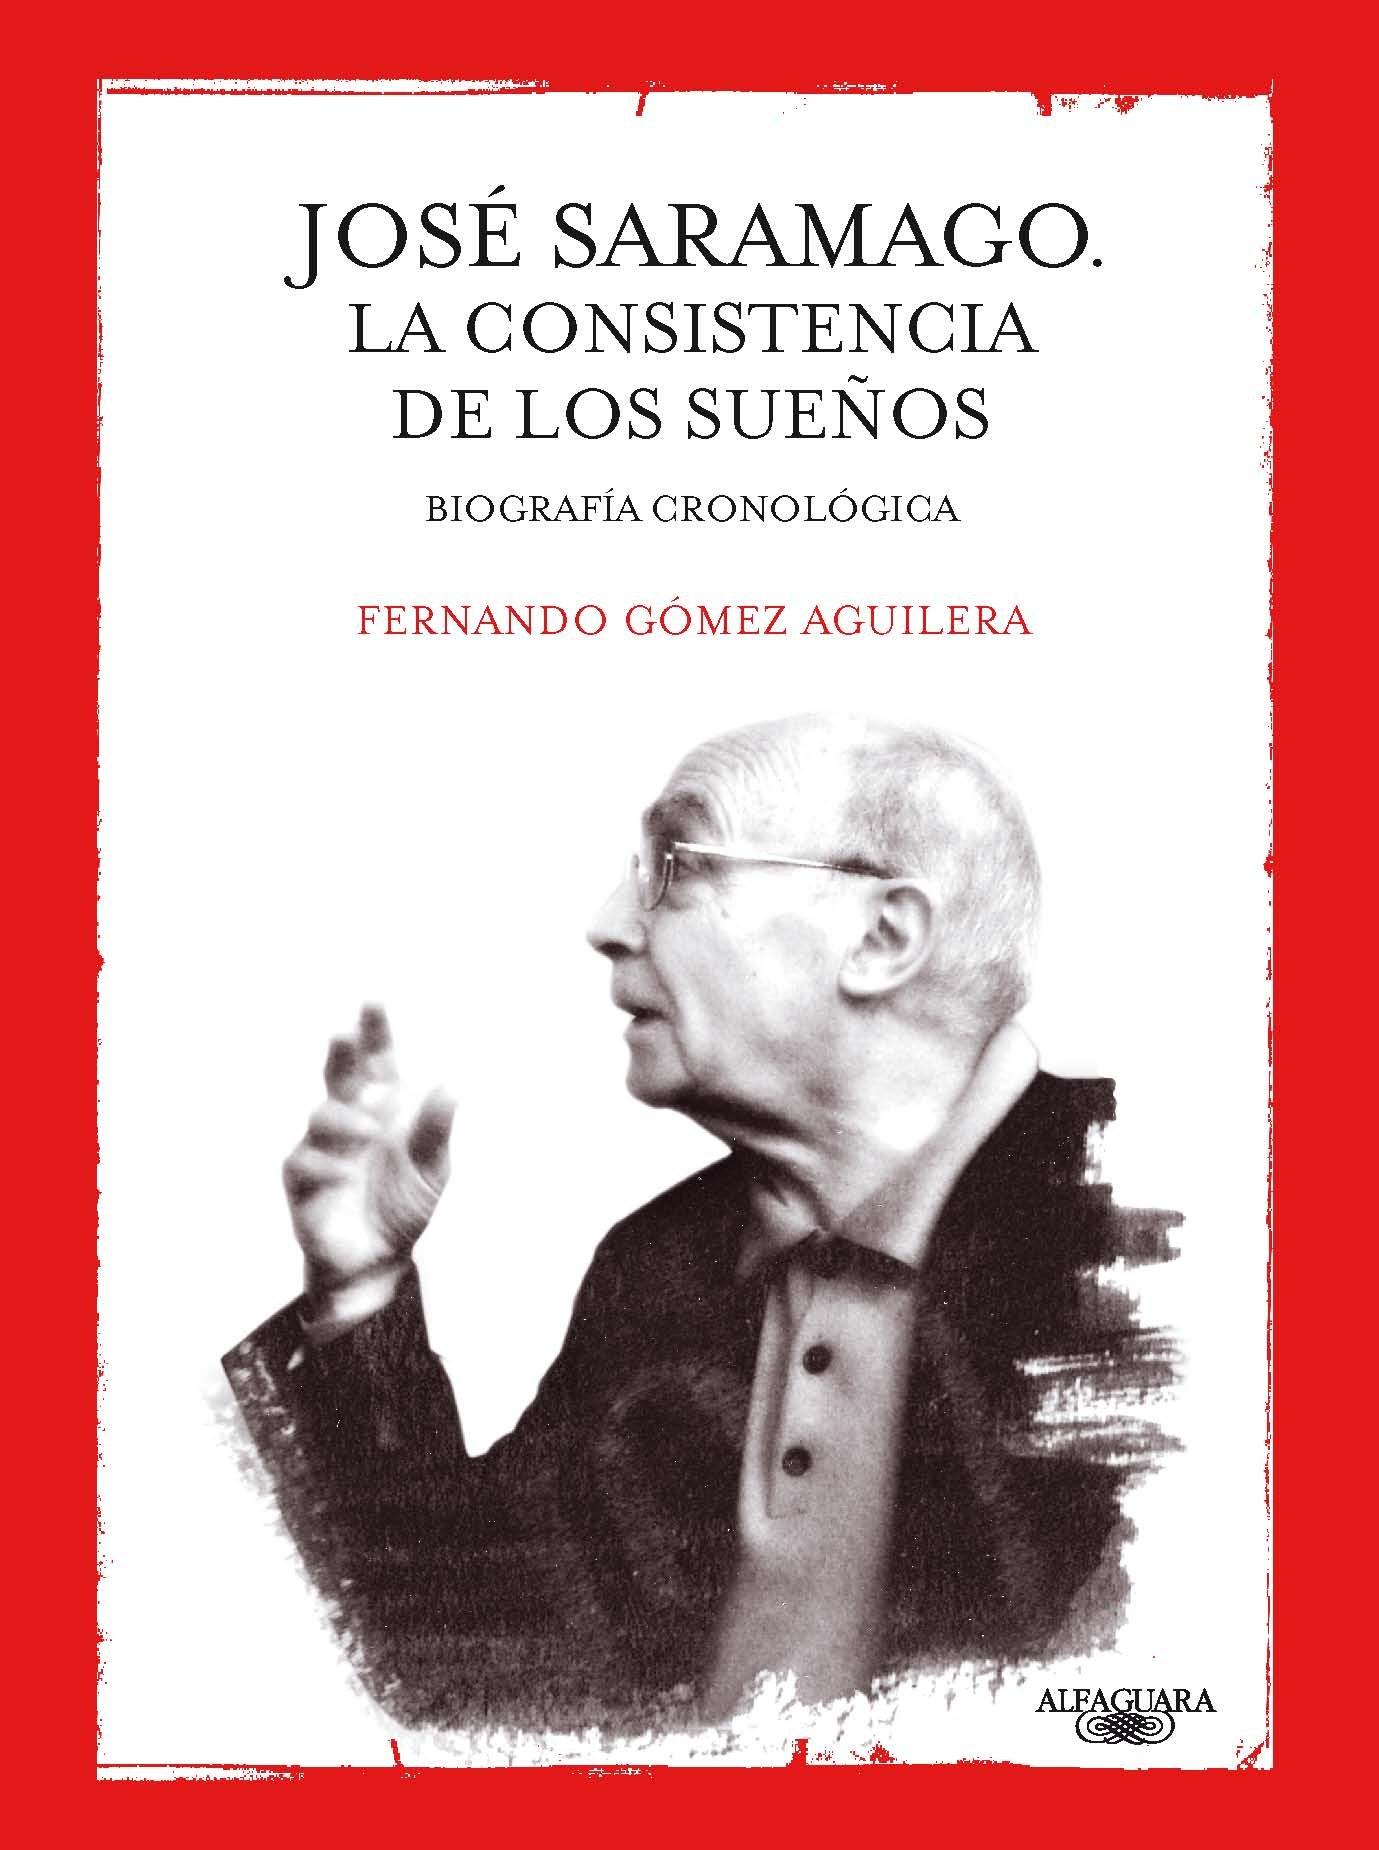 Jose Saramago Vision)